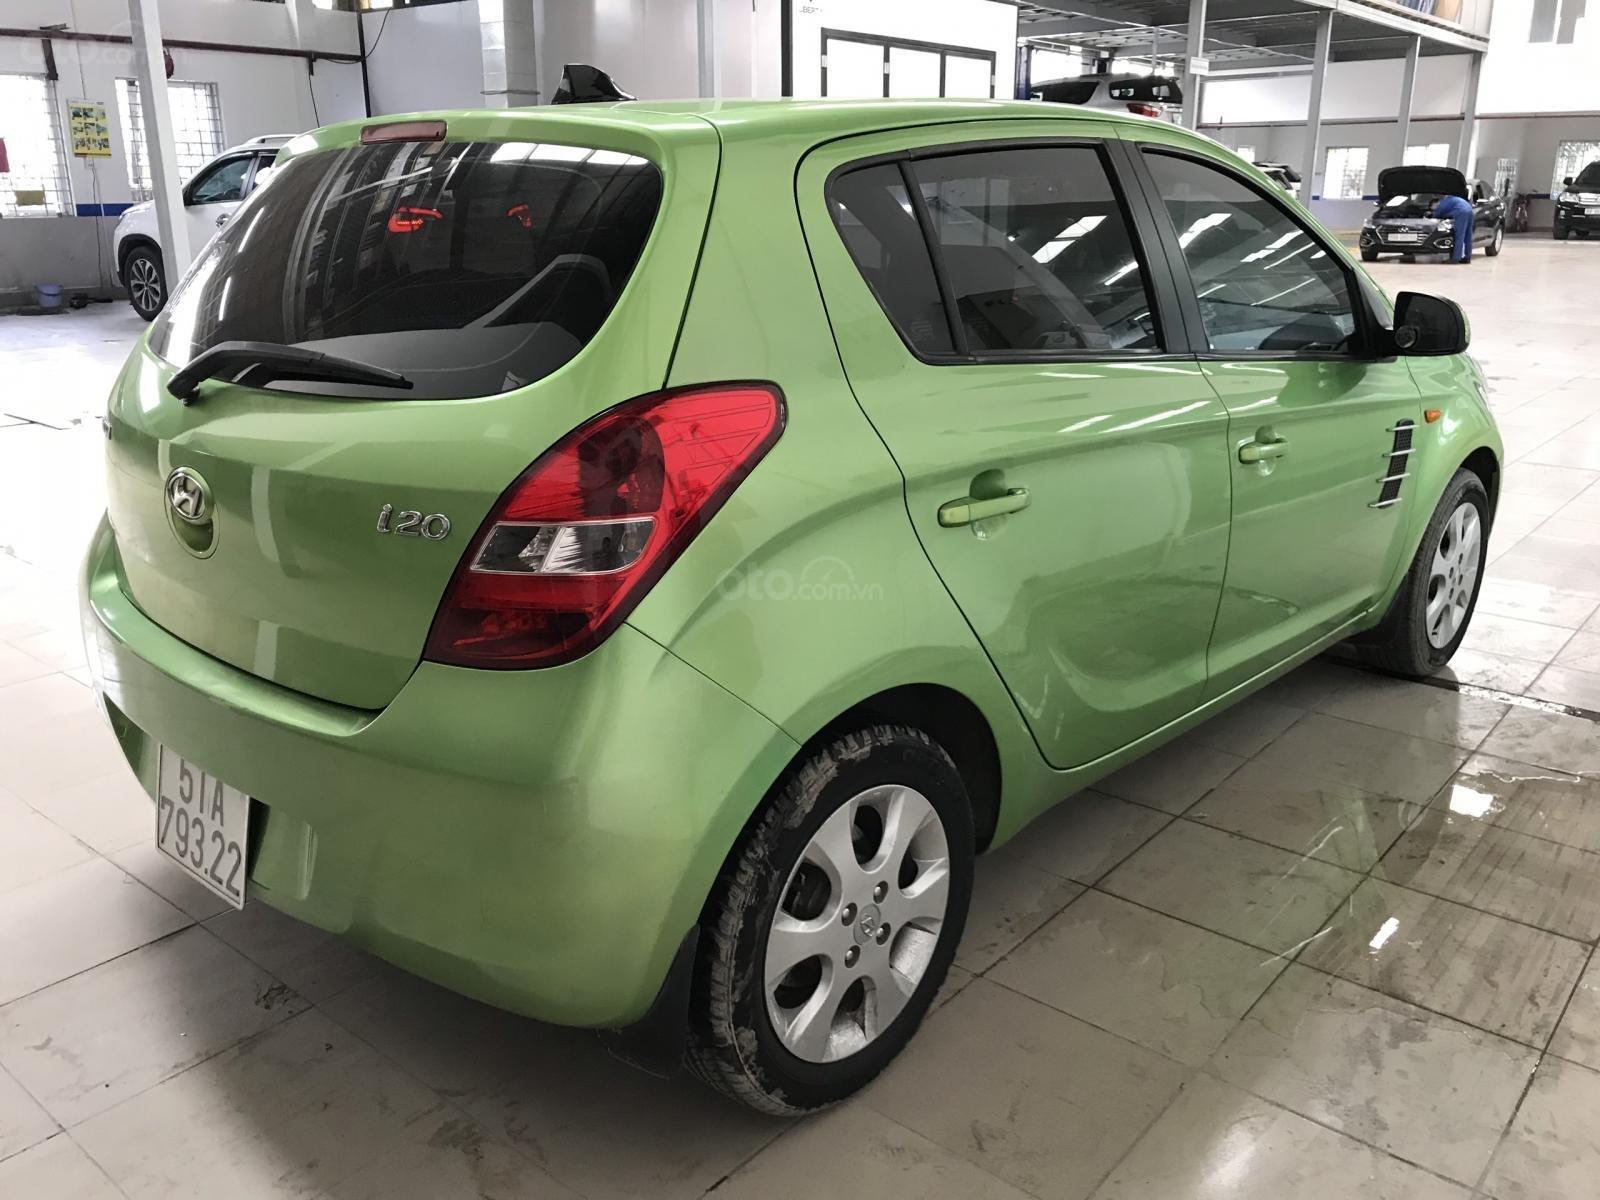 Bán Hyundai I20 1.4AT nhập Ấn Độ 2012, đăng ký 2014 biển Sài Gòn, số tự động 5 cửa (6)